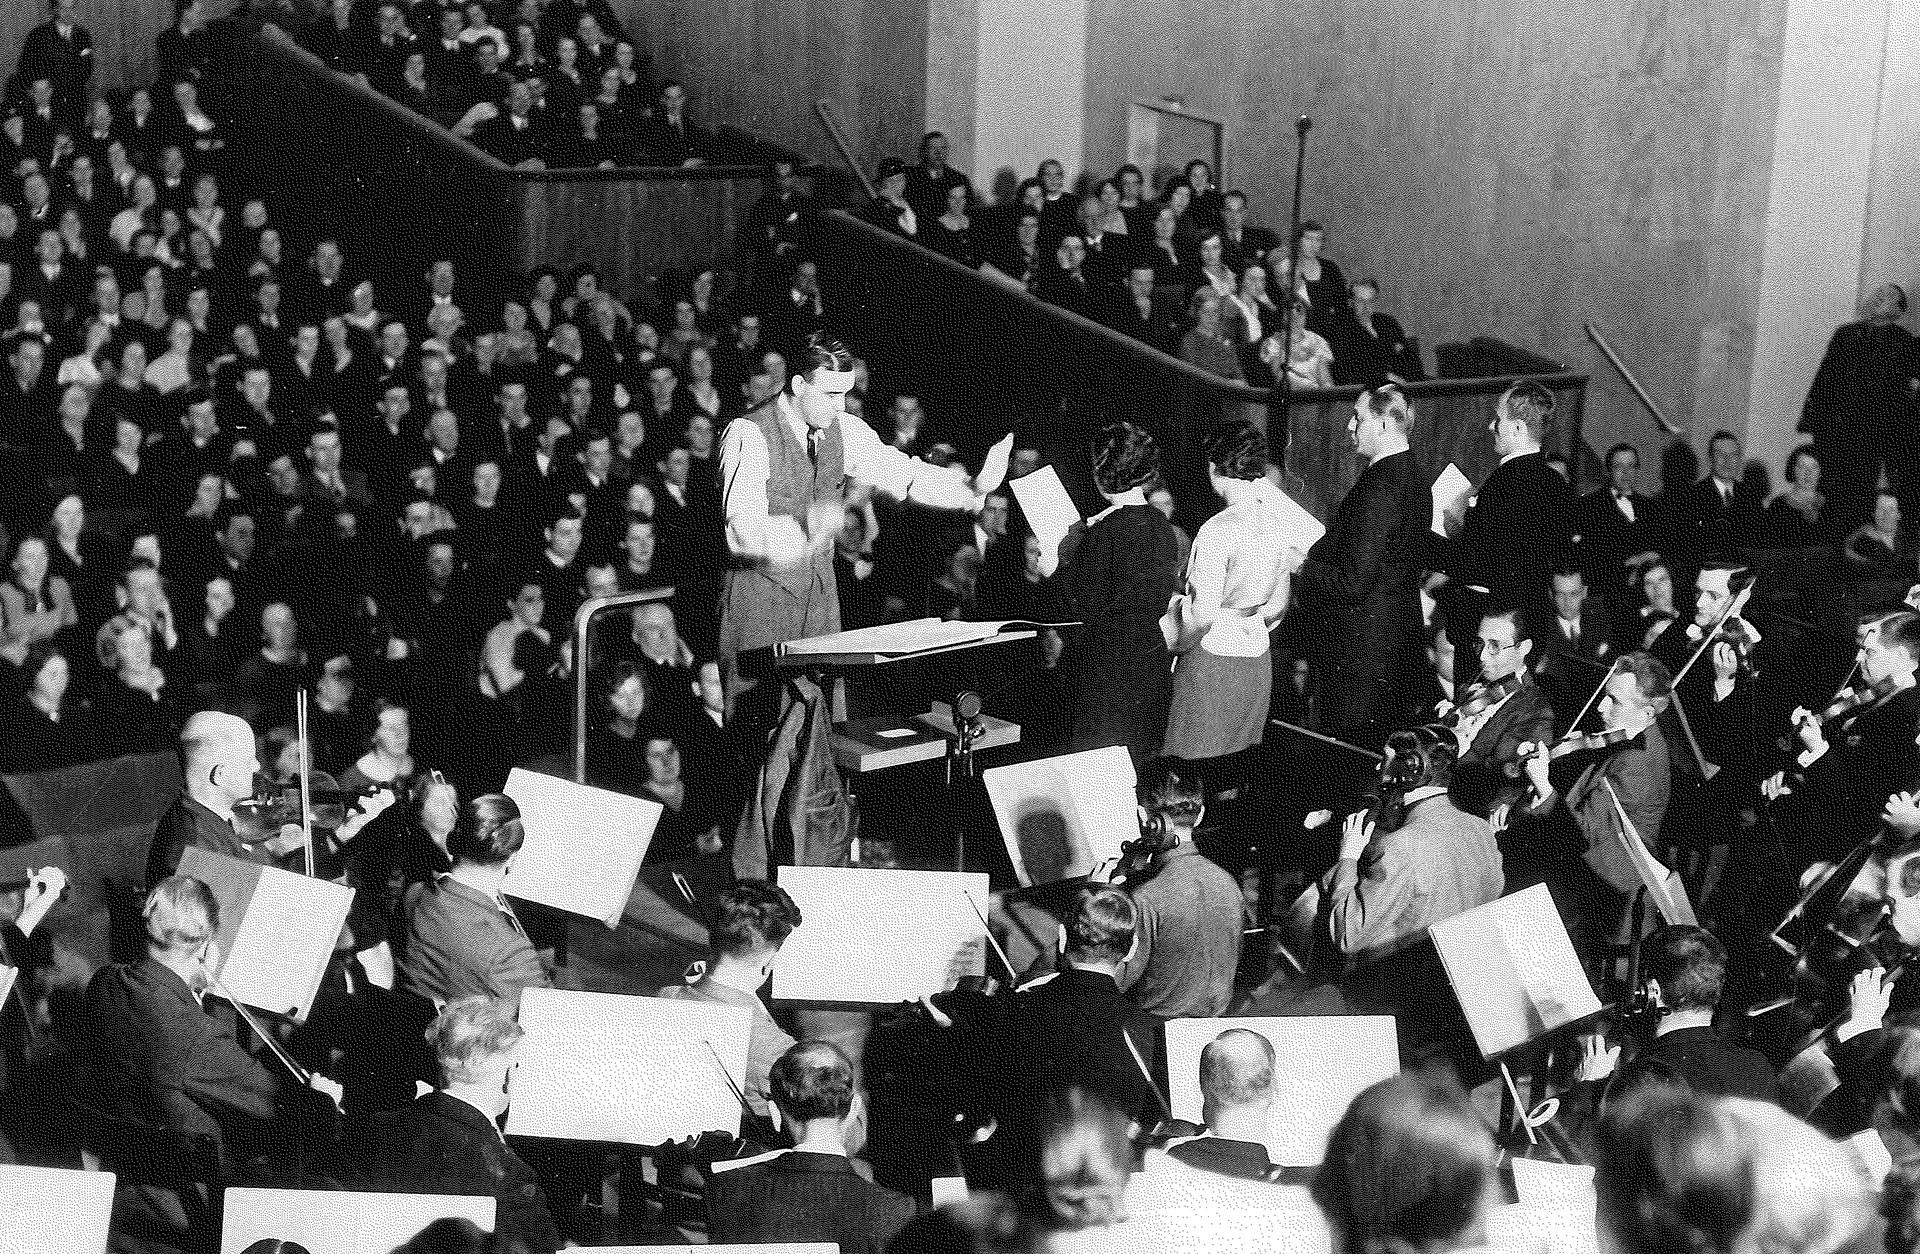 Foto av Stora salein i Göteborgs Konserthus vid invigningen 1925, dirigent framför orkester med publiken i salongen i bakgrunden.